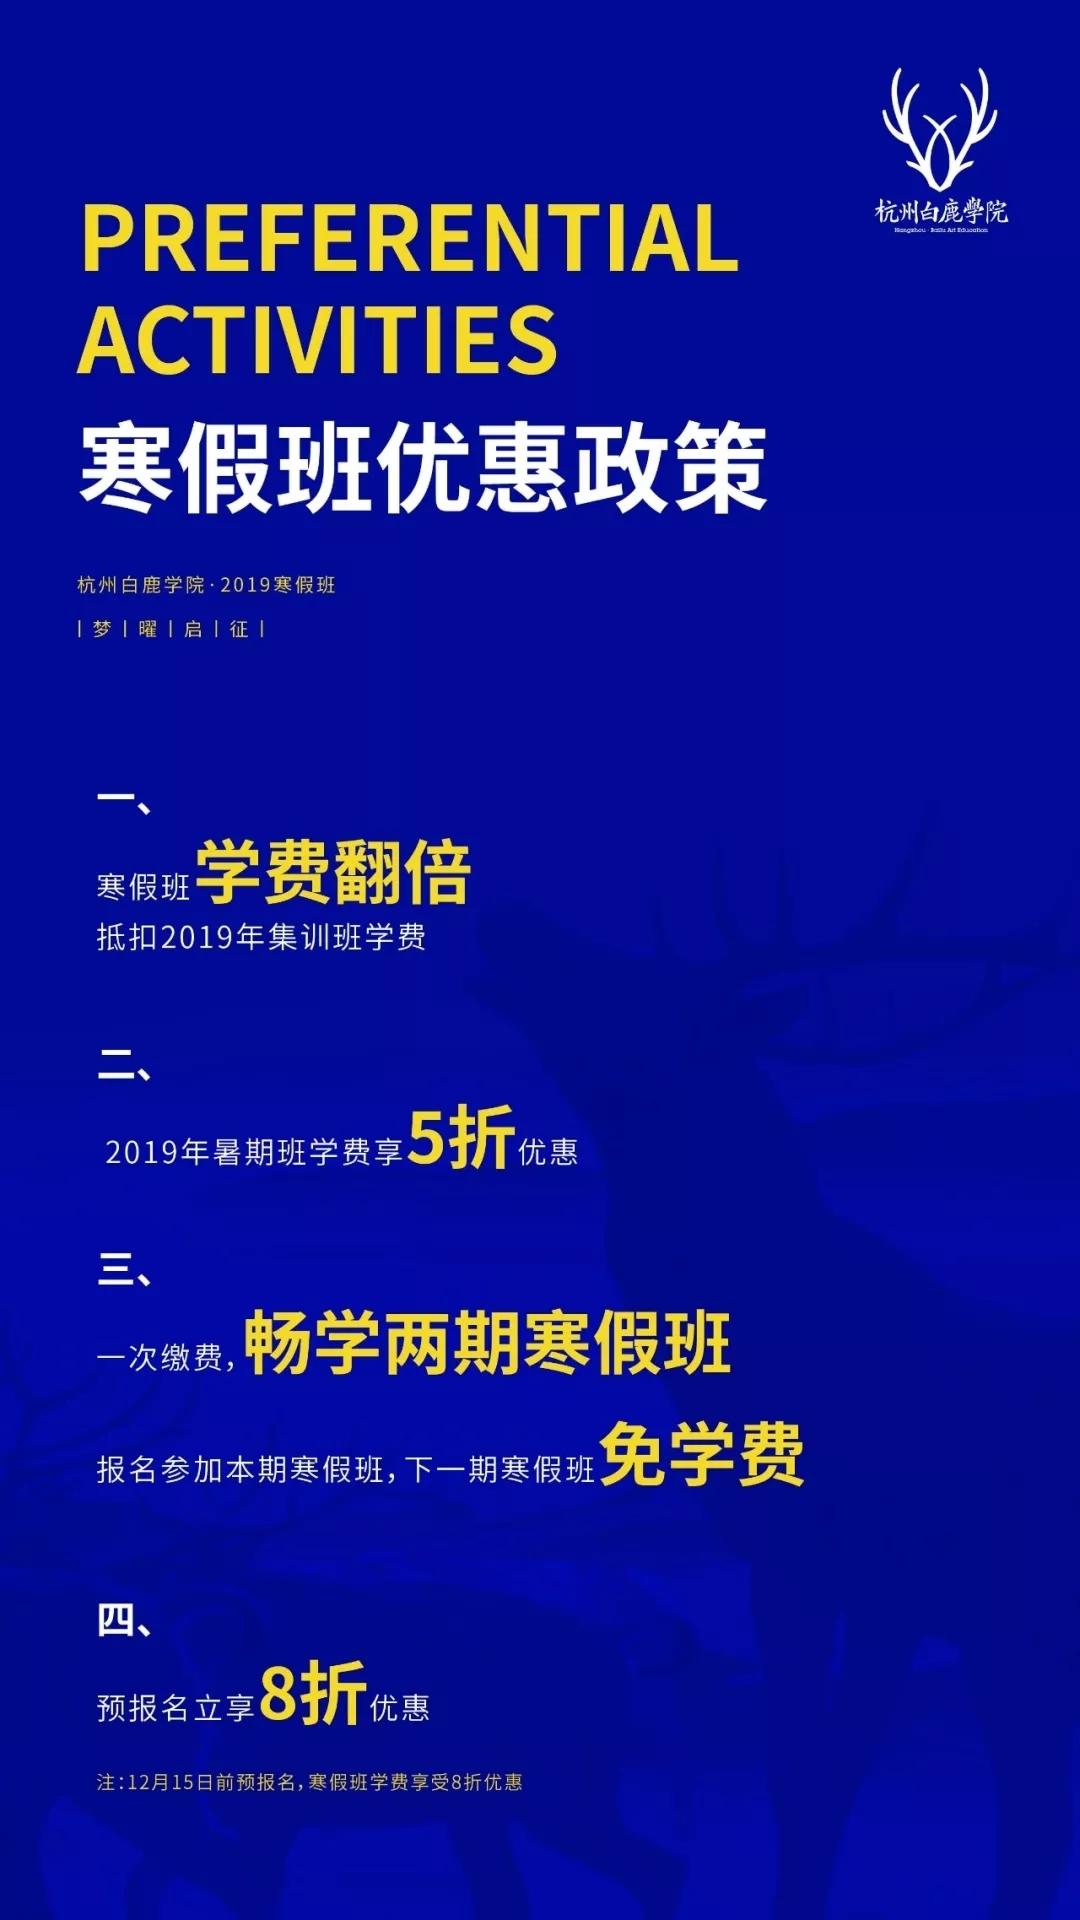 杭州白鹿画室招生简章,杭州画室招生计划,杭州美术培训班招生